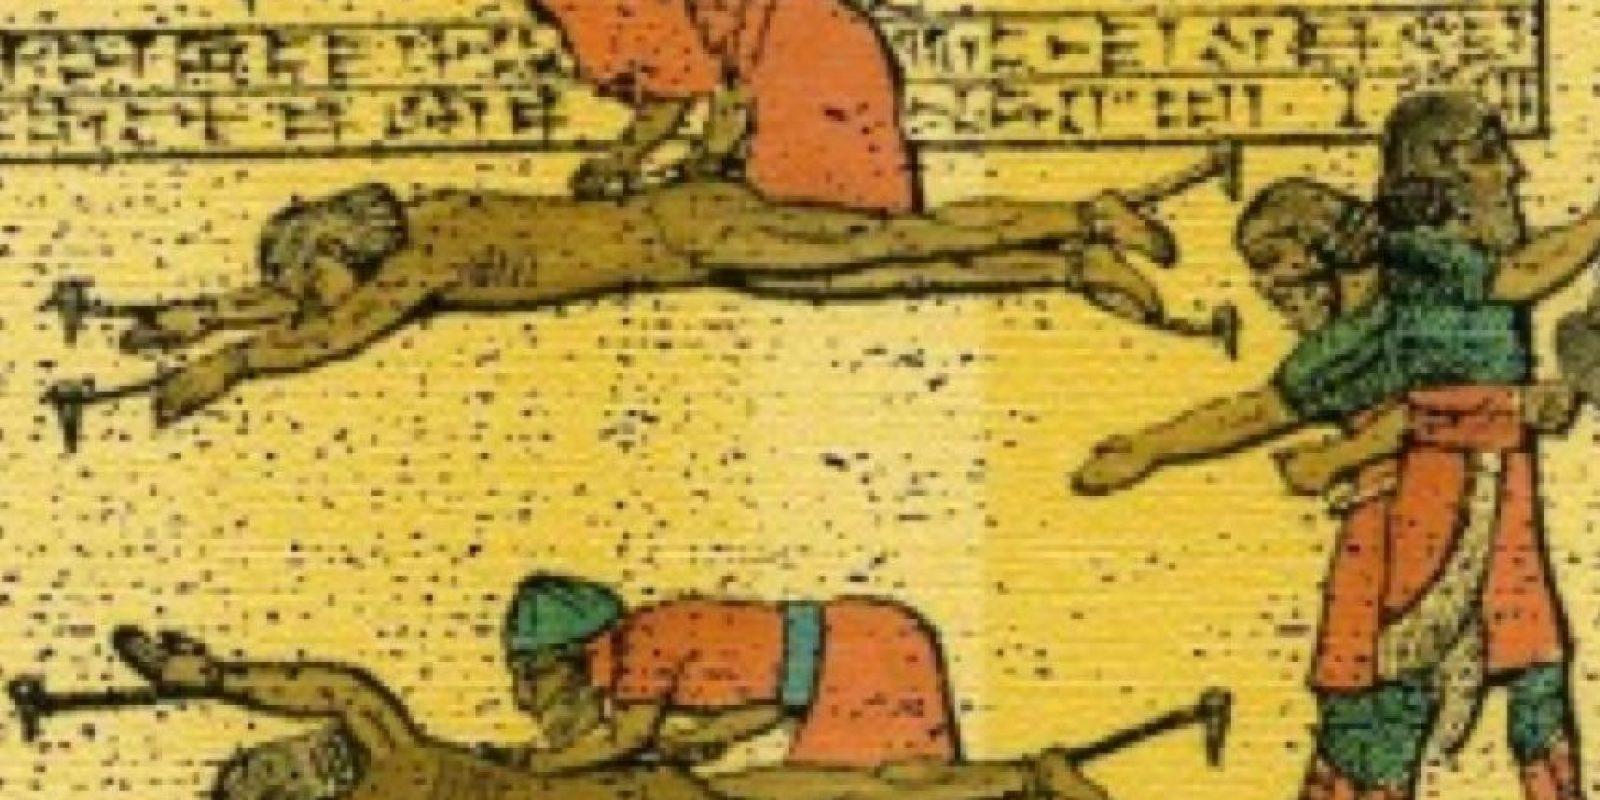 Un método antiguo que consiste en arrancarle la piel al sujeto vivo. Foto:vía Wikipedia